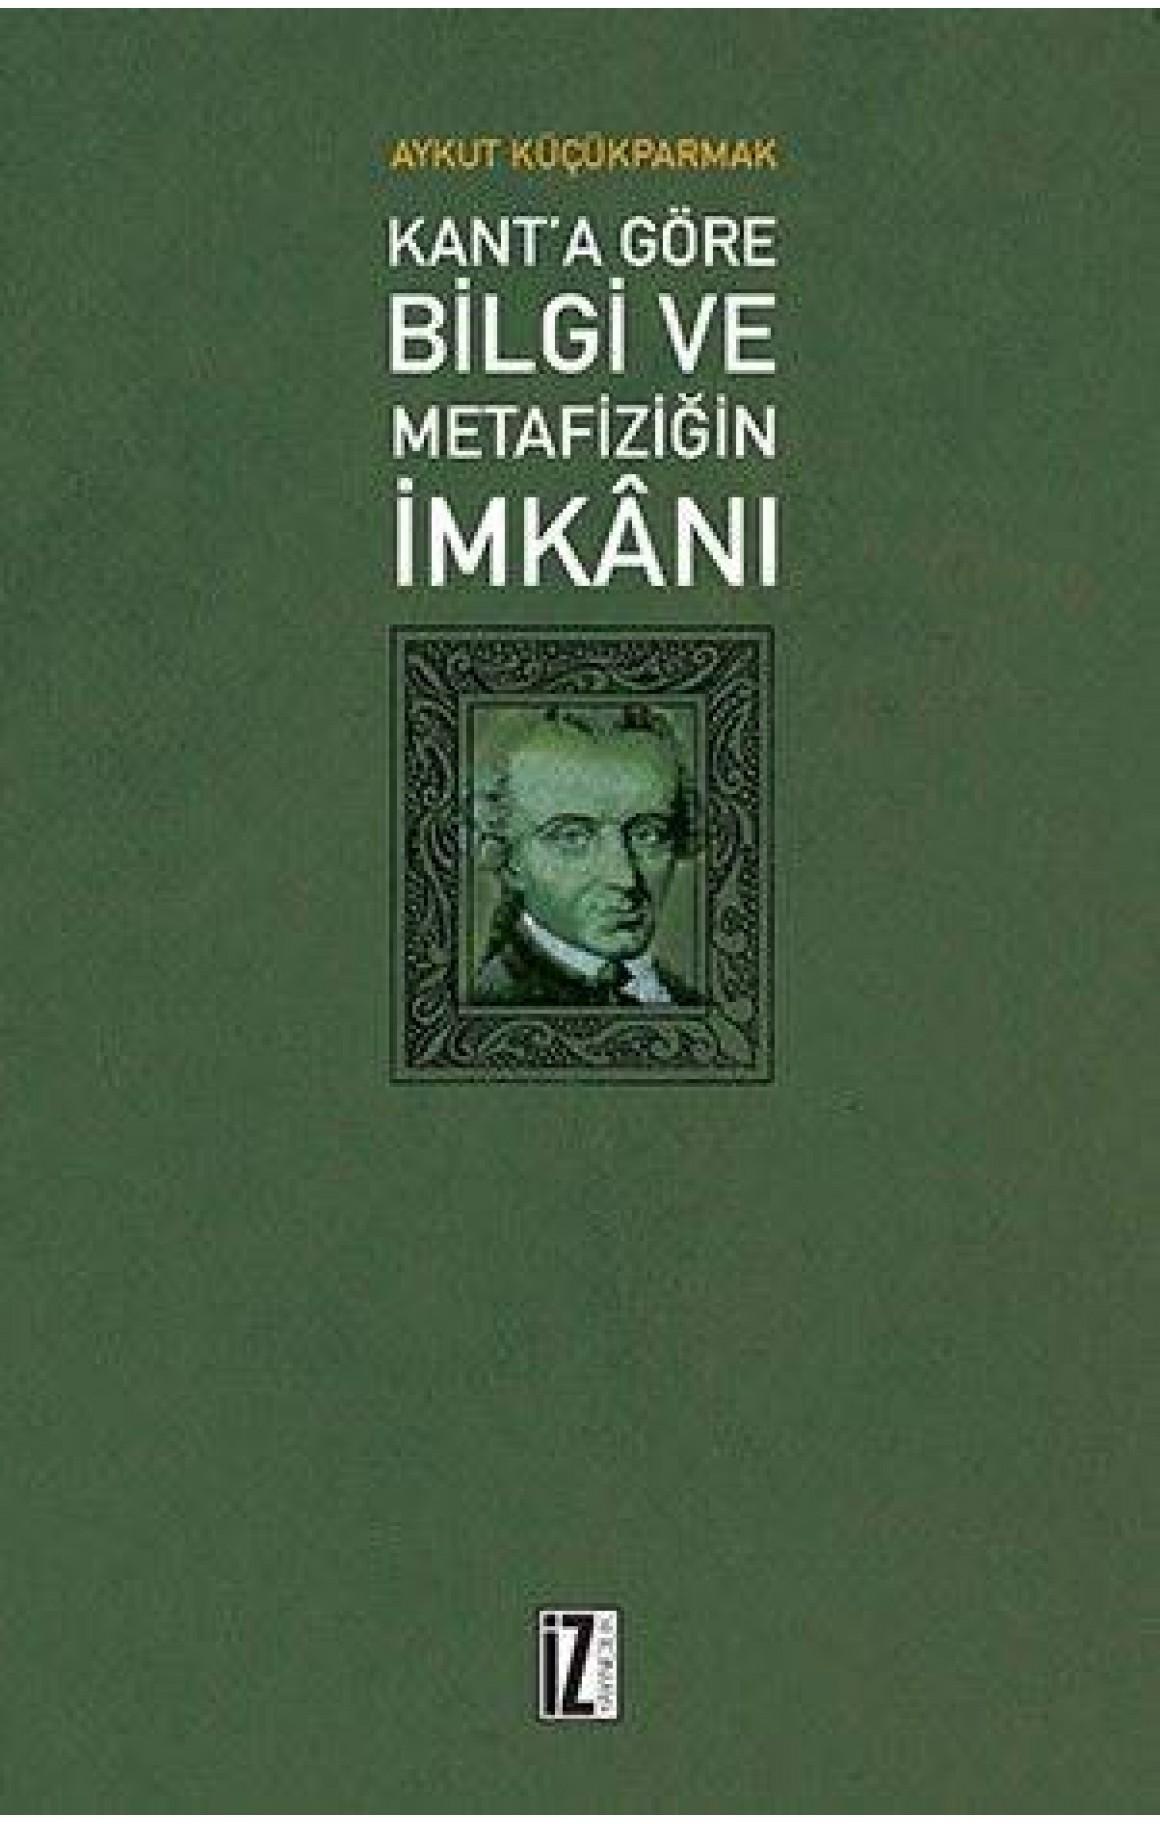 Kant'a göre Bilgi ve Metafiziğin İmkanı